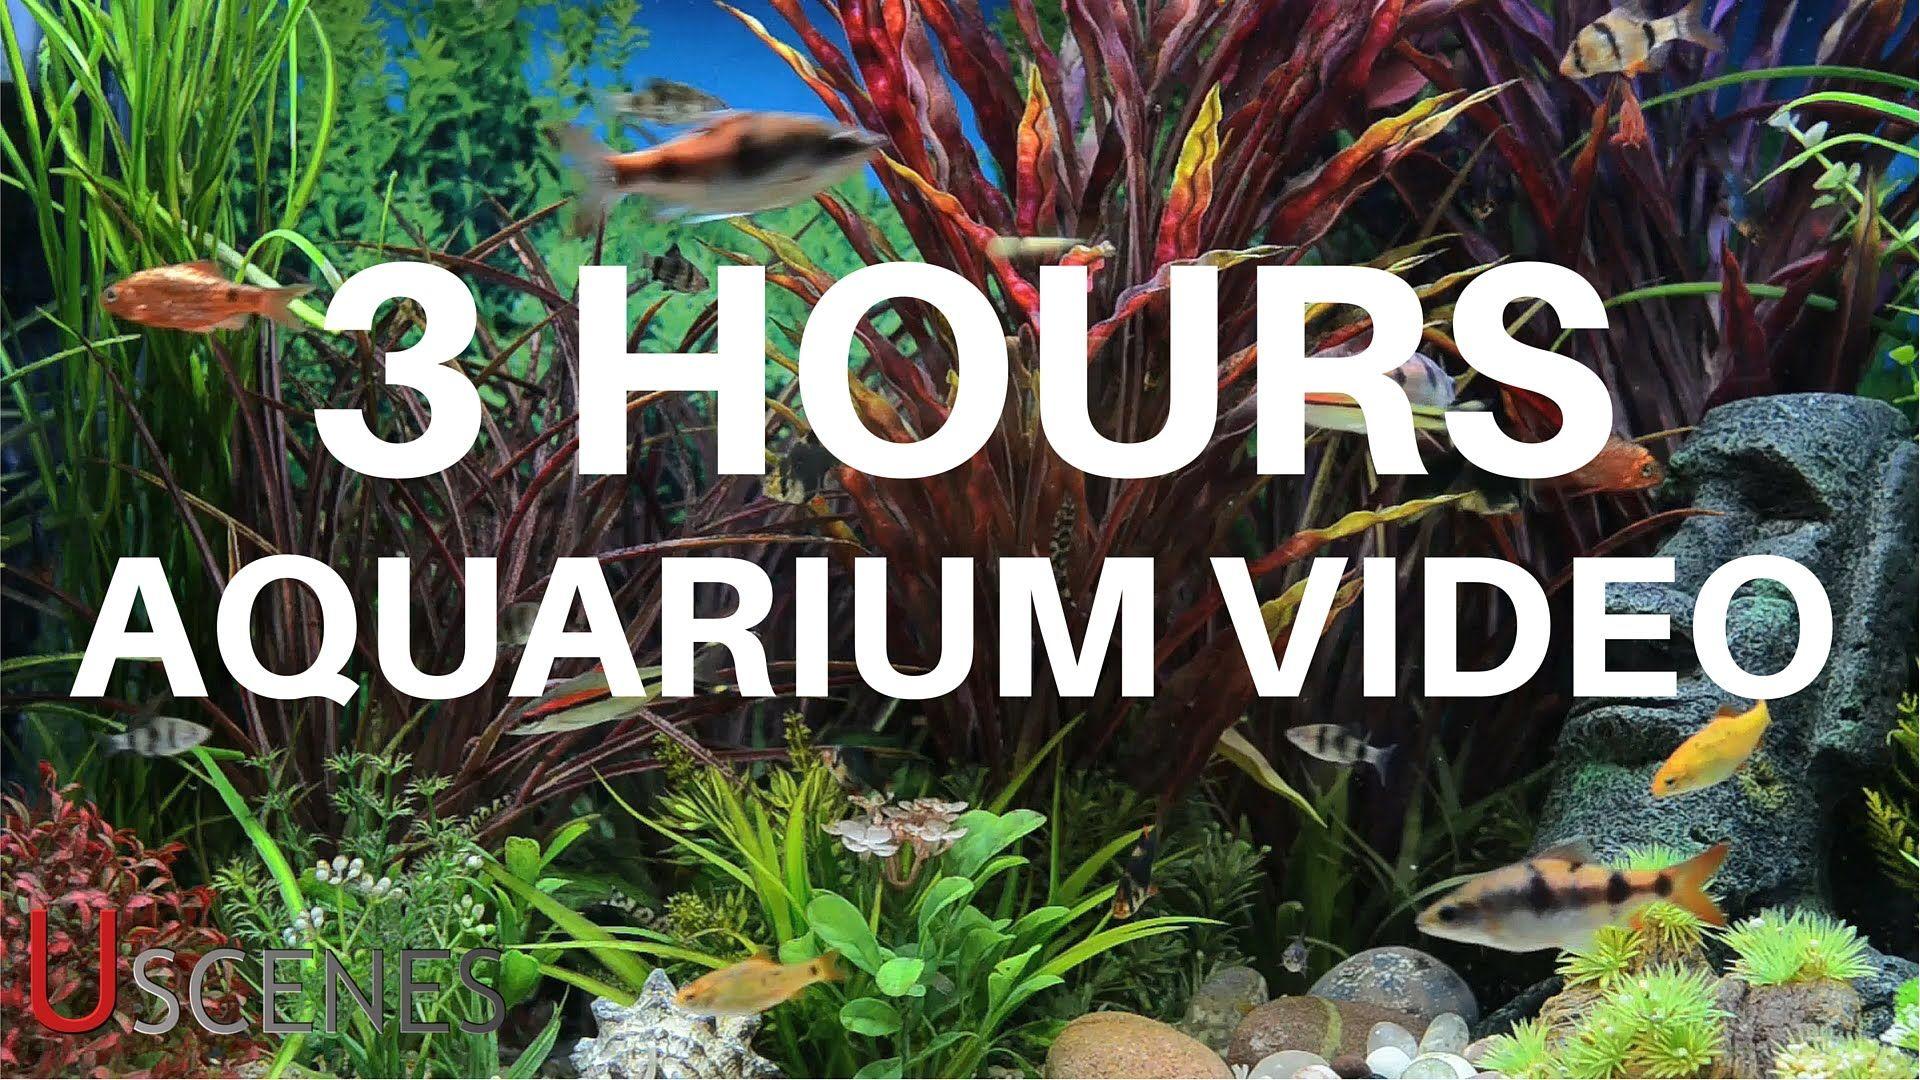 3 Hour Aquarium Video by Uscenes FREE TV SCREENSAVER Hogar